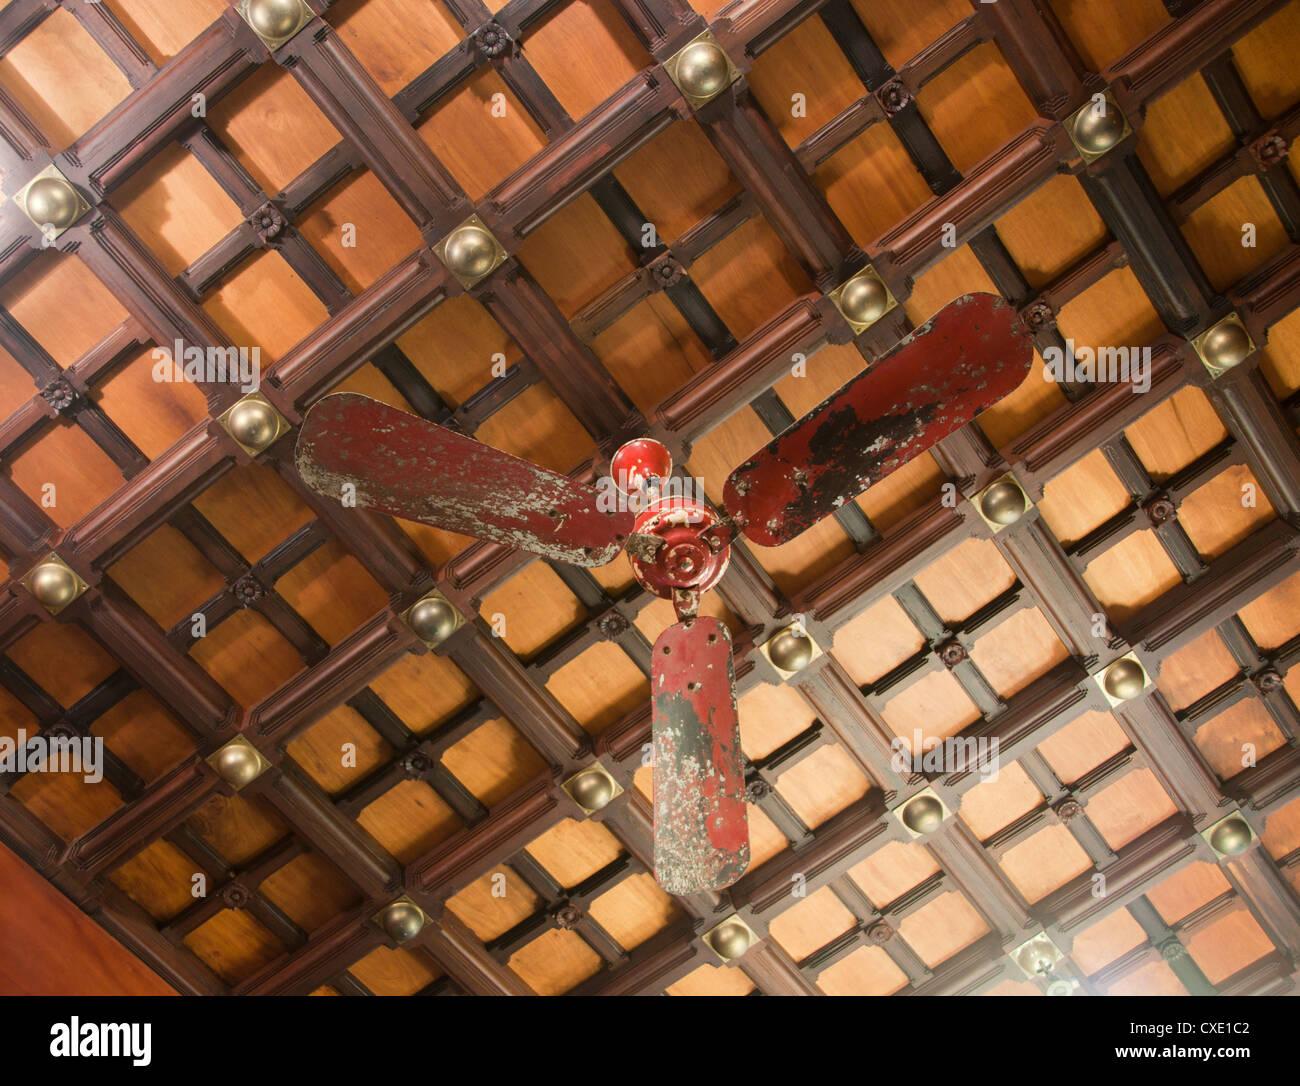 Casco antiguo ventilador de techo en el techo de madera, India Imagen De Stock